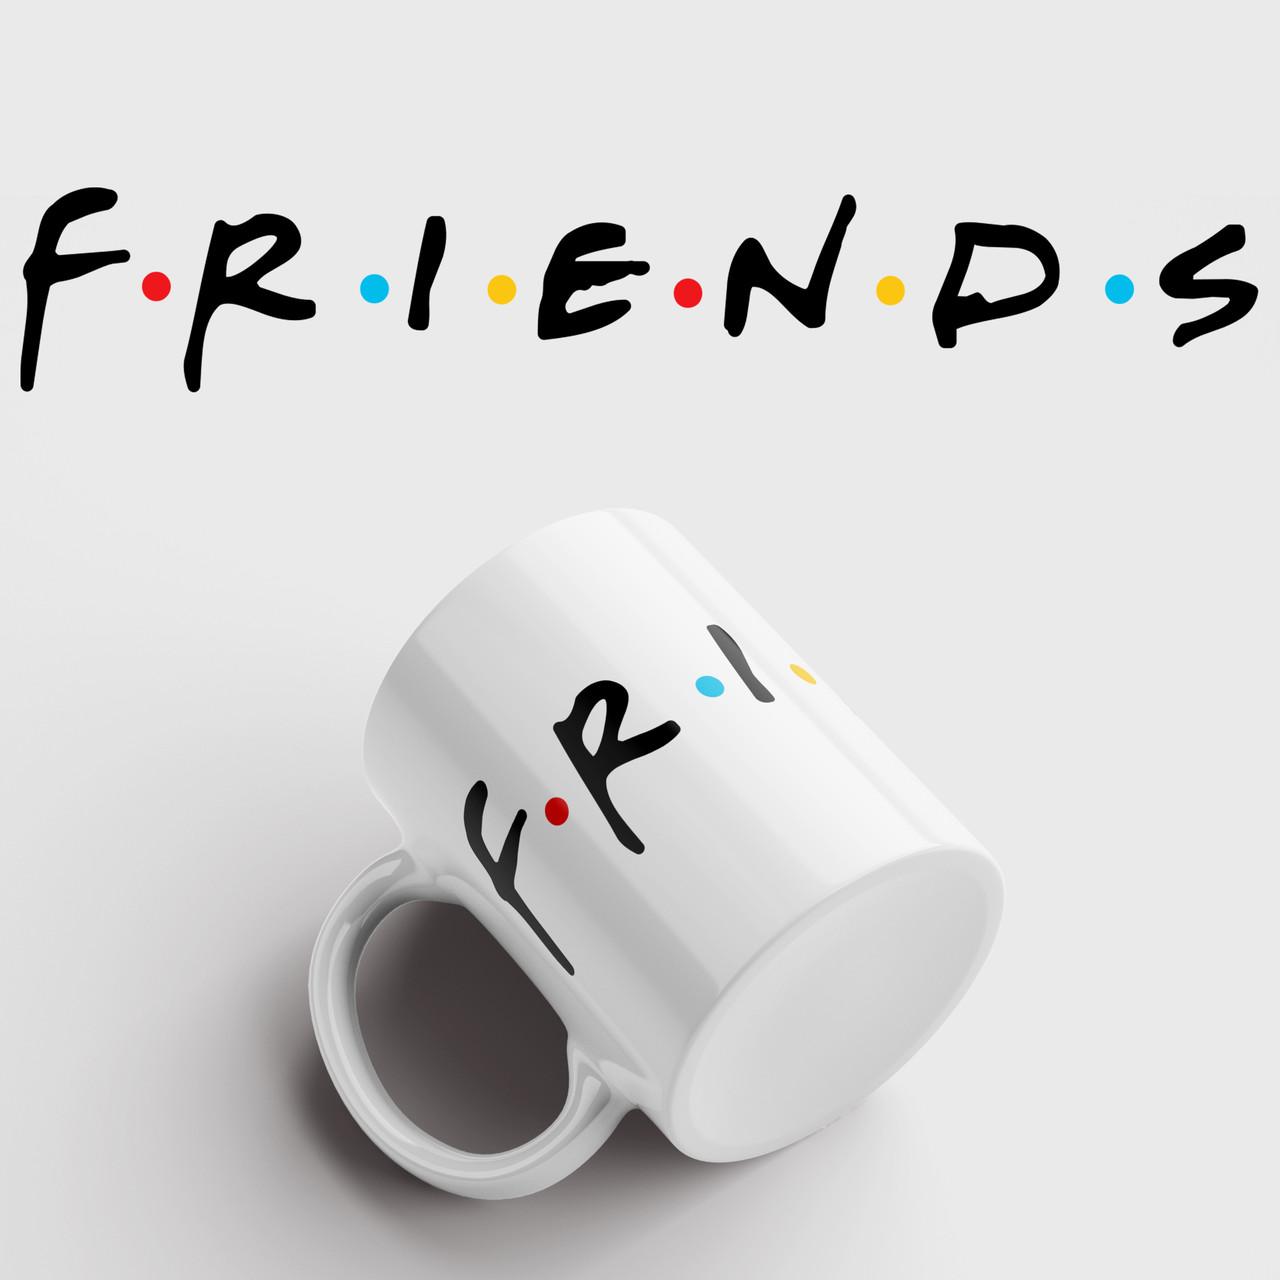 Кружка с принтом Friends. Сериал Друзья. Чашка с фото